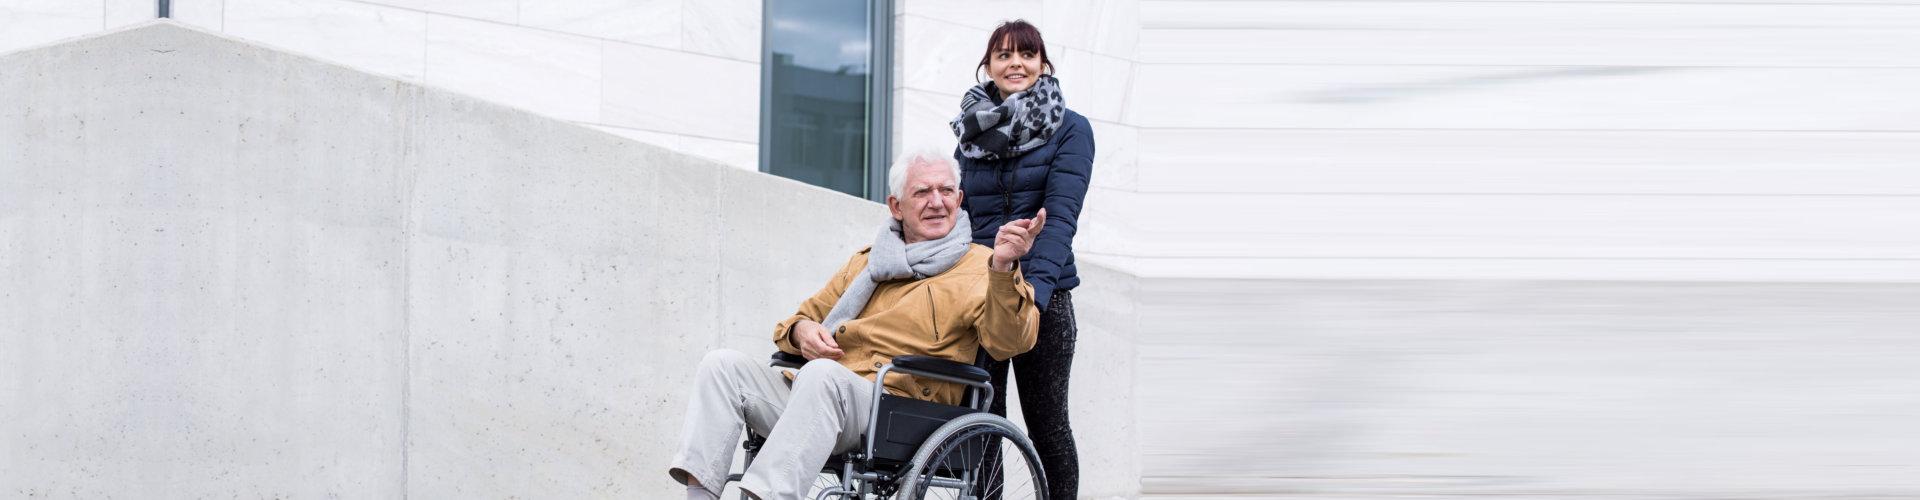 elderly man on wheelchair and staff